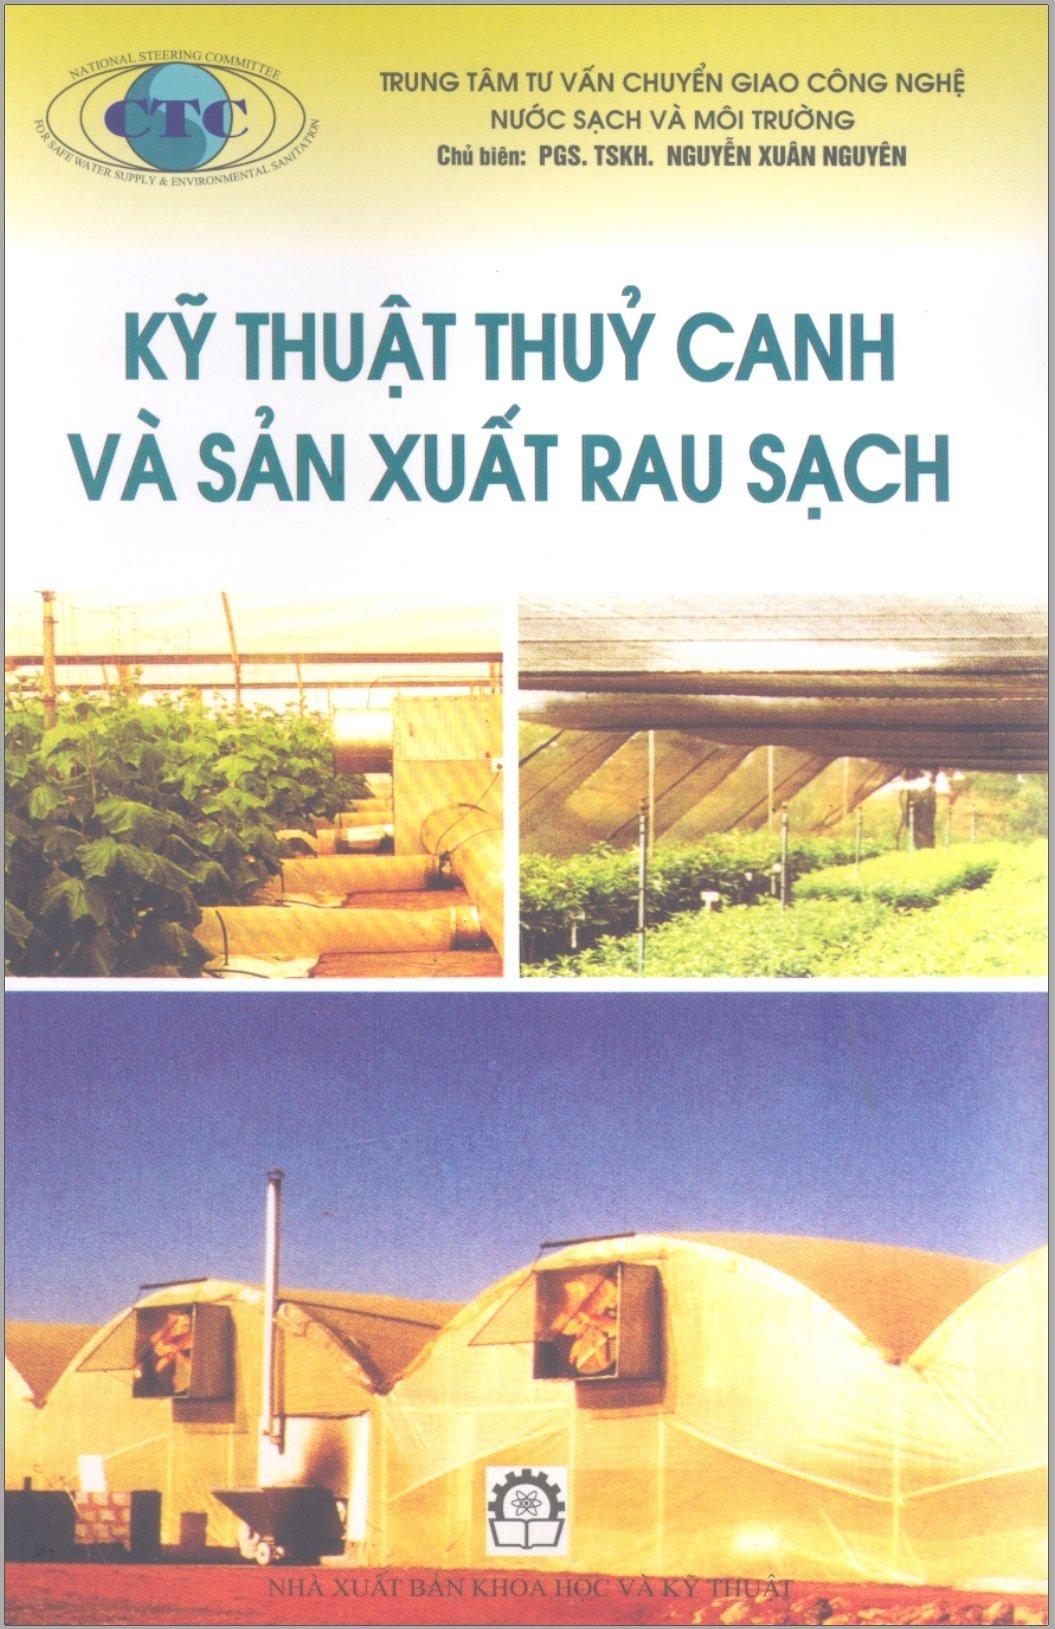 kỹ thuật thủy canh và sản xuất rau sạch